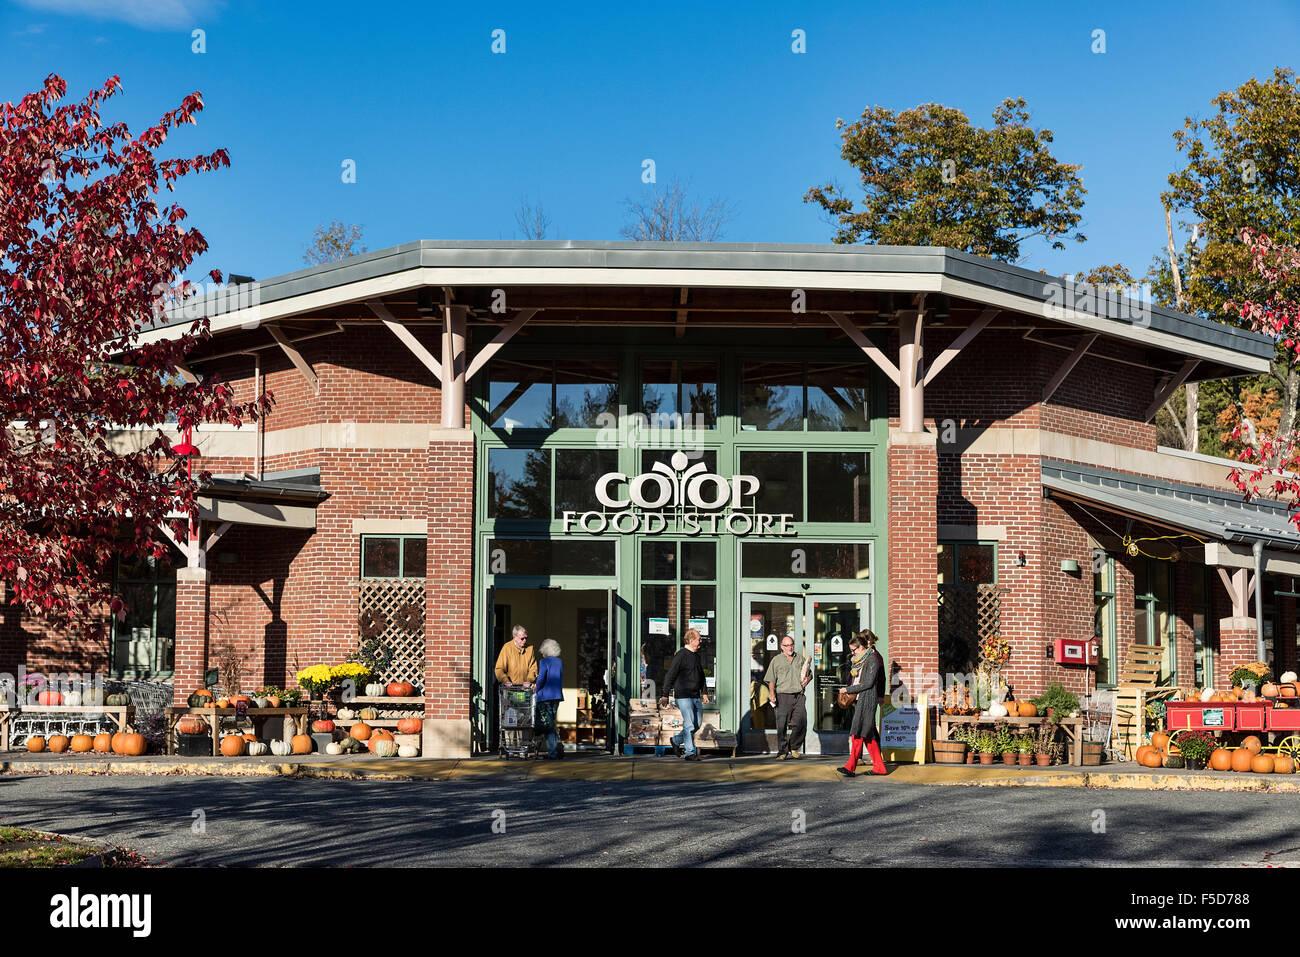 Coop, tienda de comestibles, Líbano, Nueva Hampshire, EE.UU. Imagen De Stock